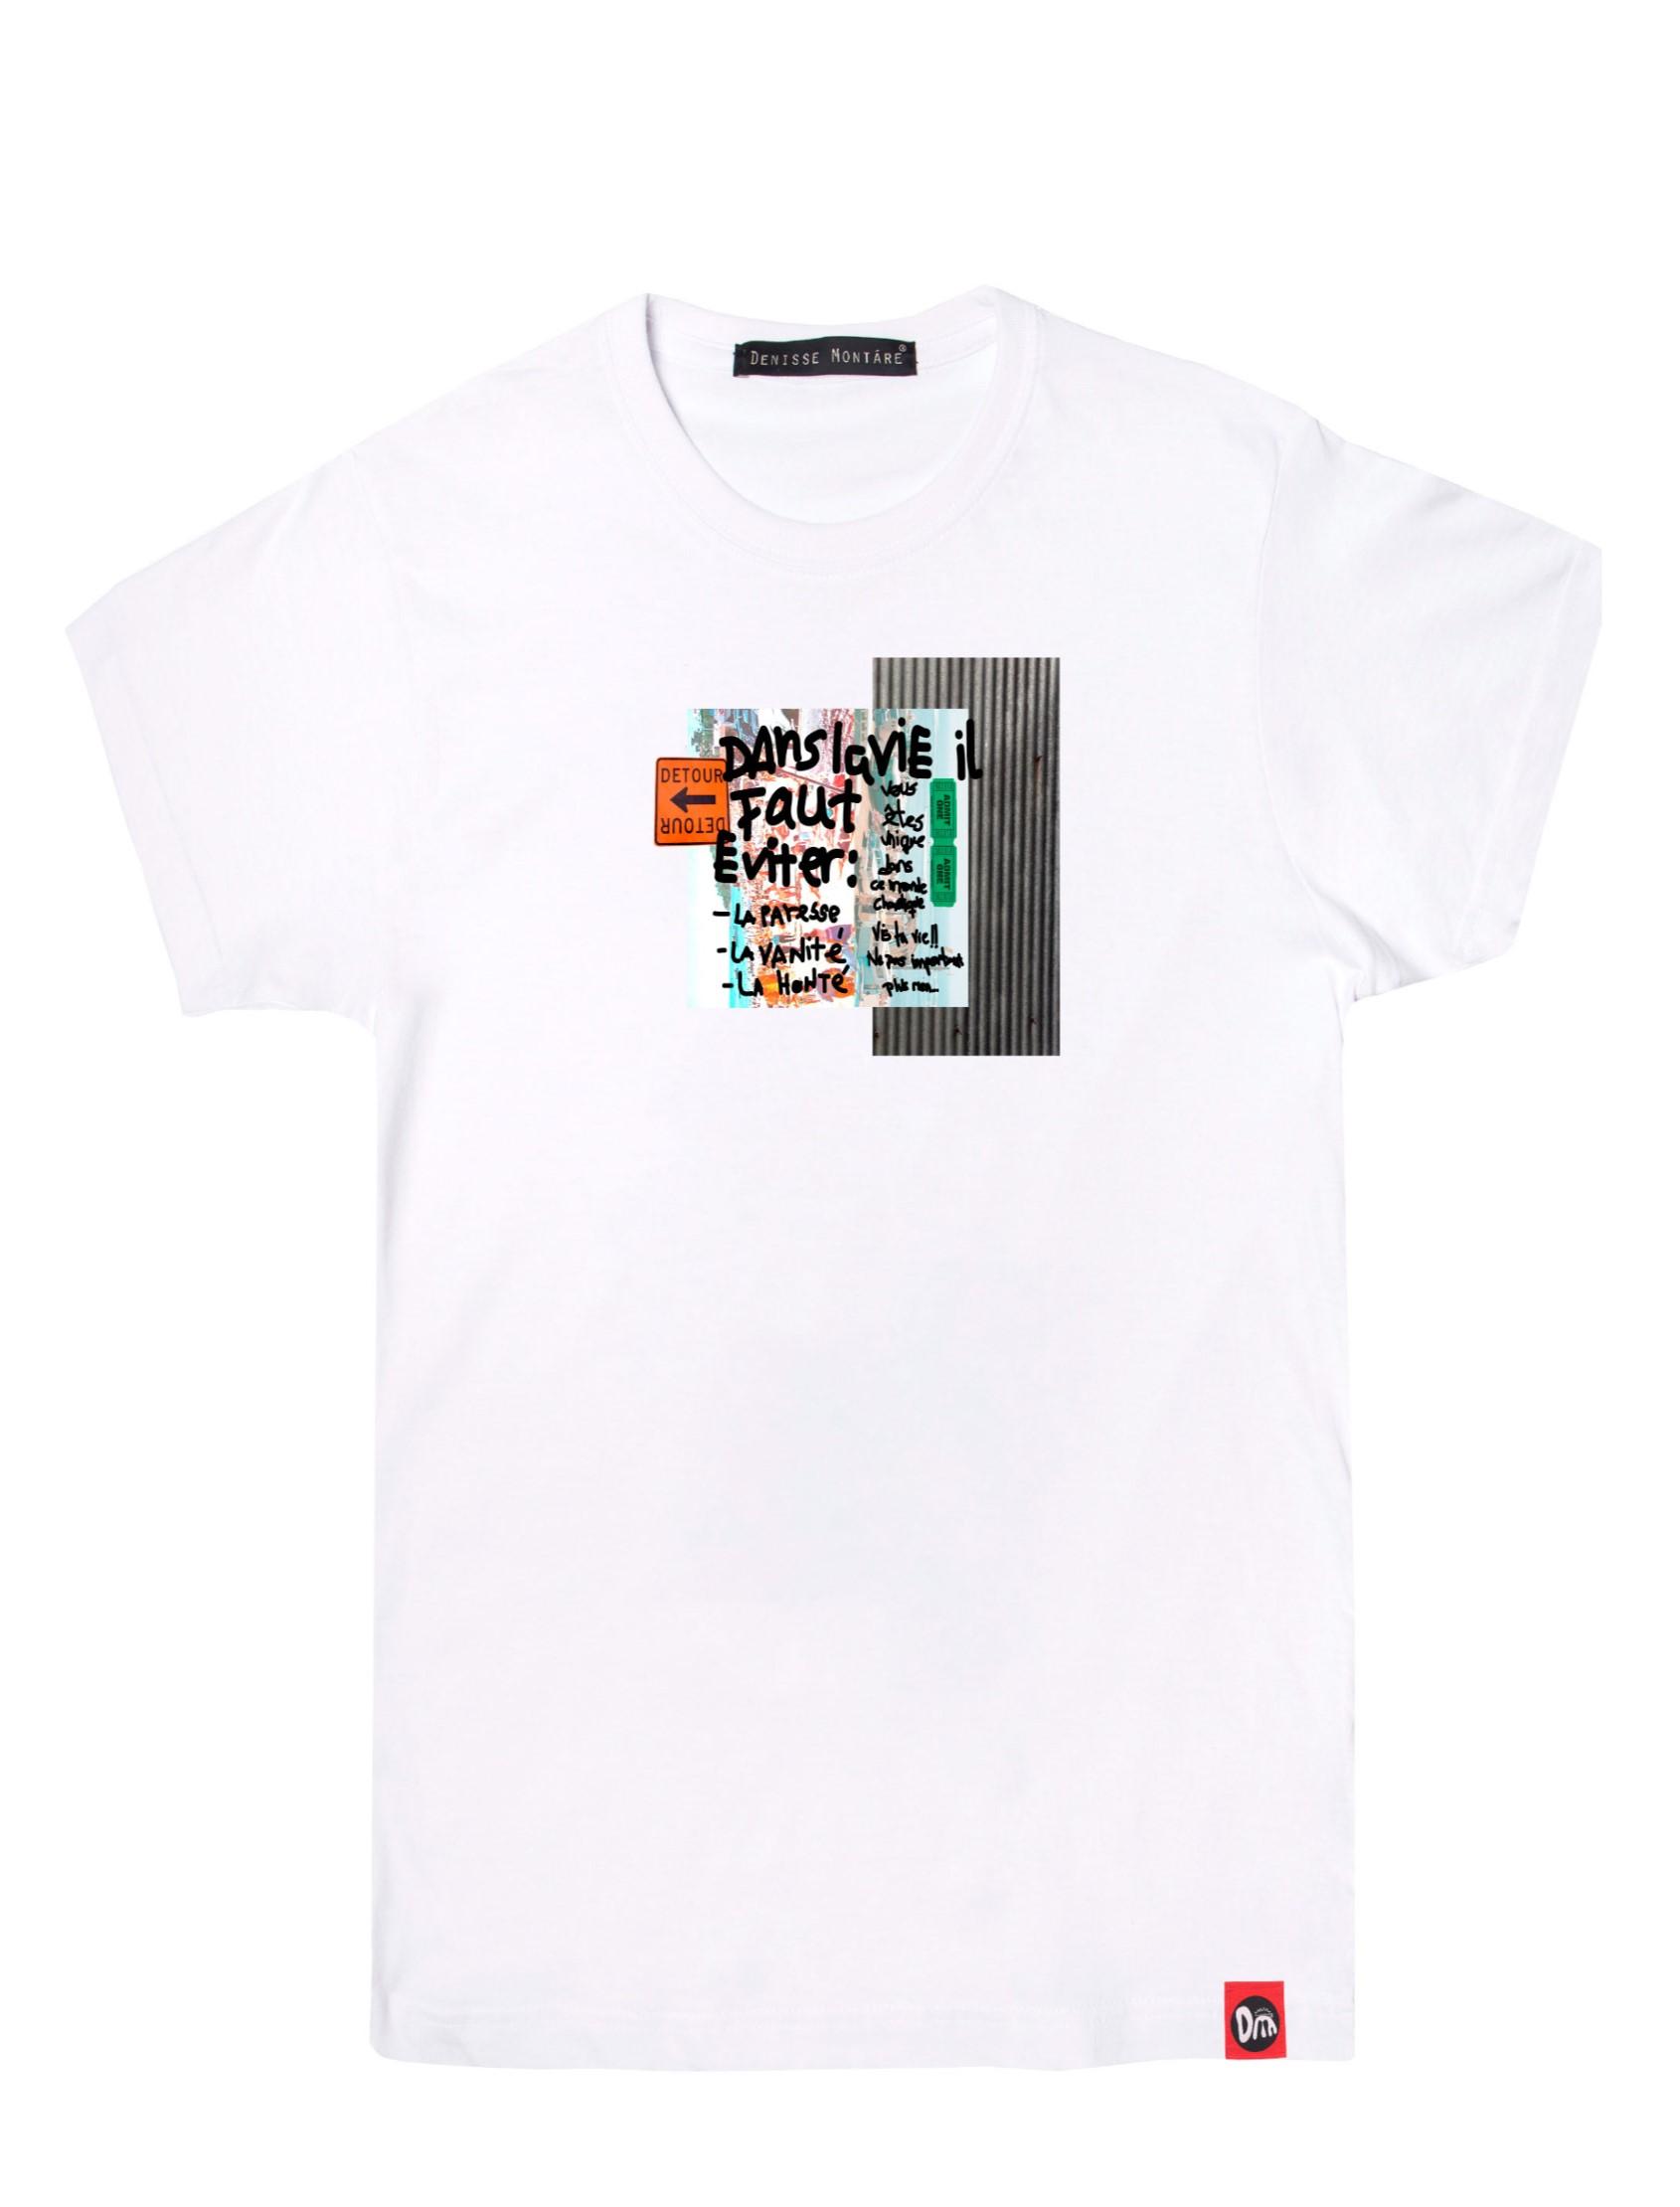 camisetaDANSLAVIEILFAUTEVITERblanco_01